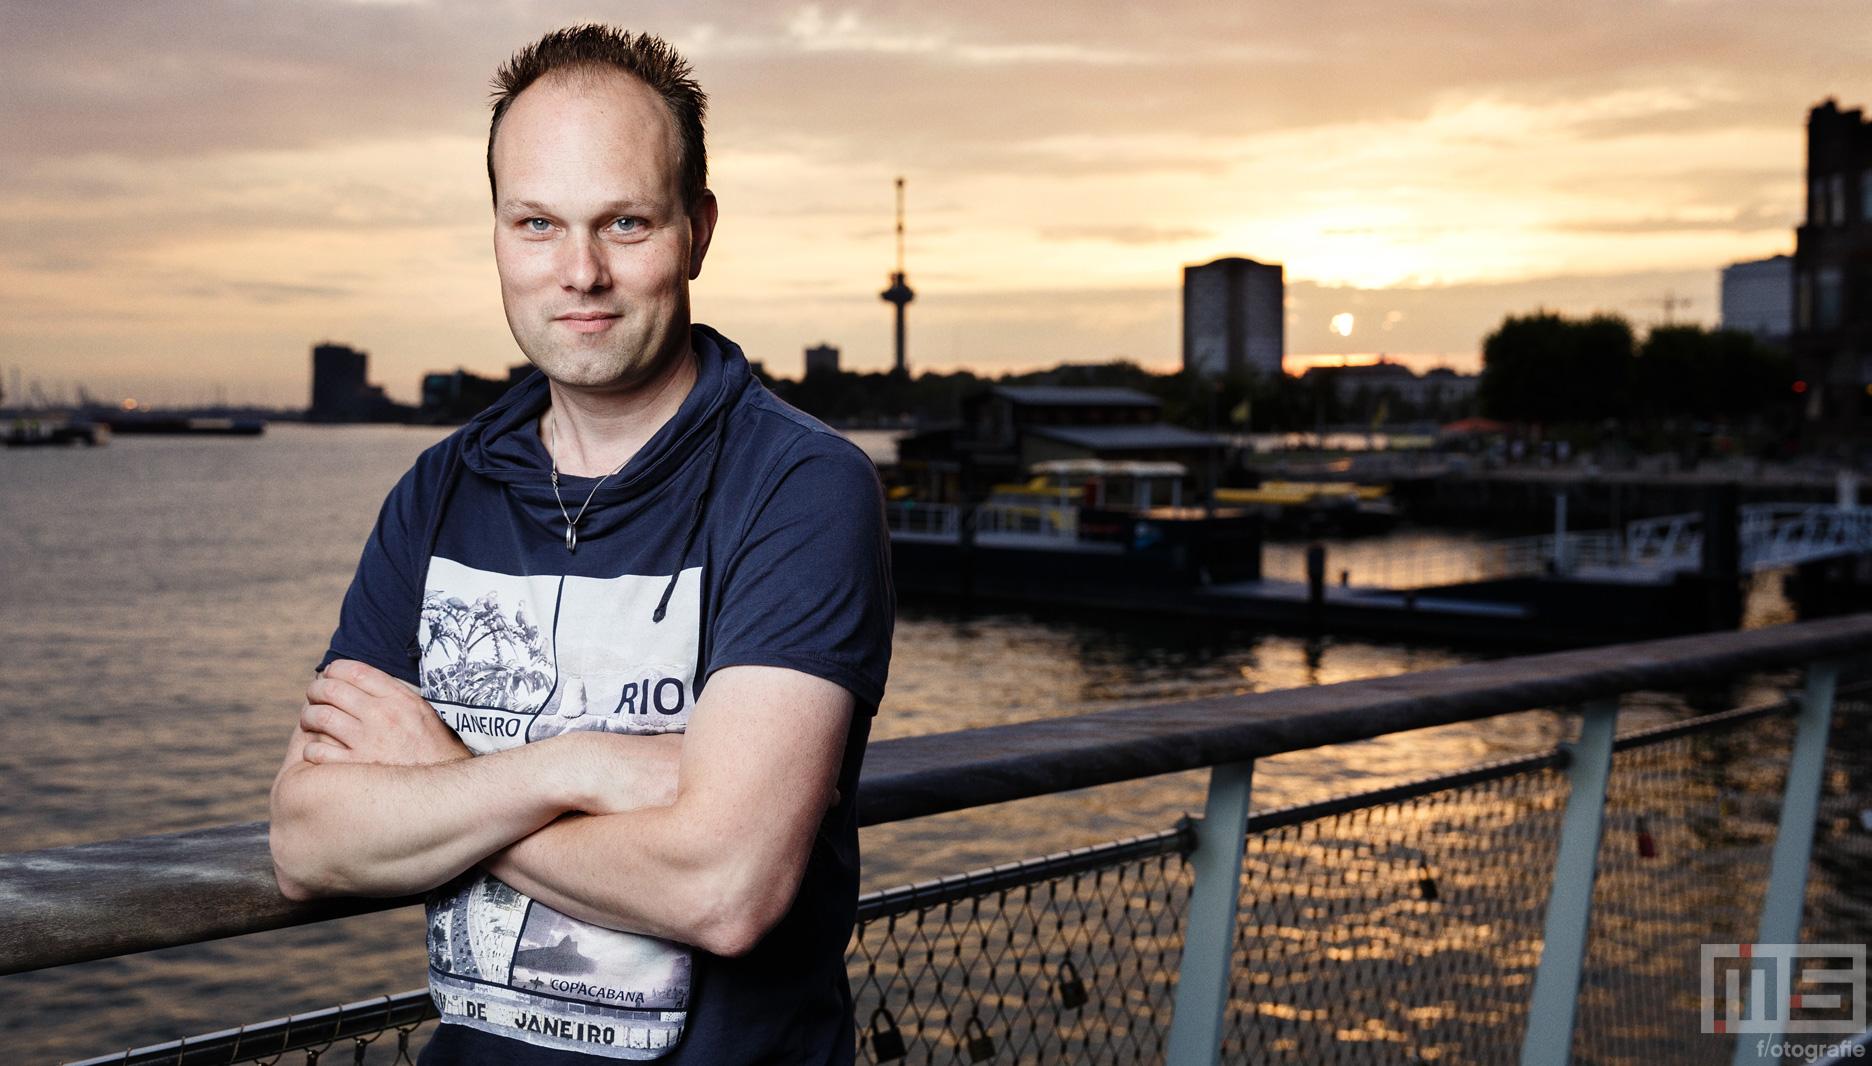 Stadsfotograaf Marc van der Stelt interview bij Loonstrokie